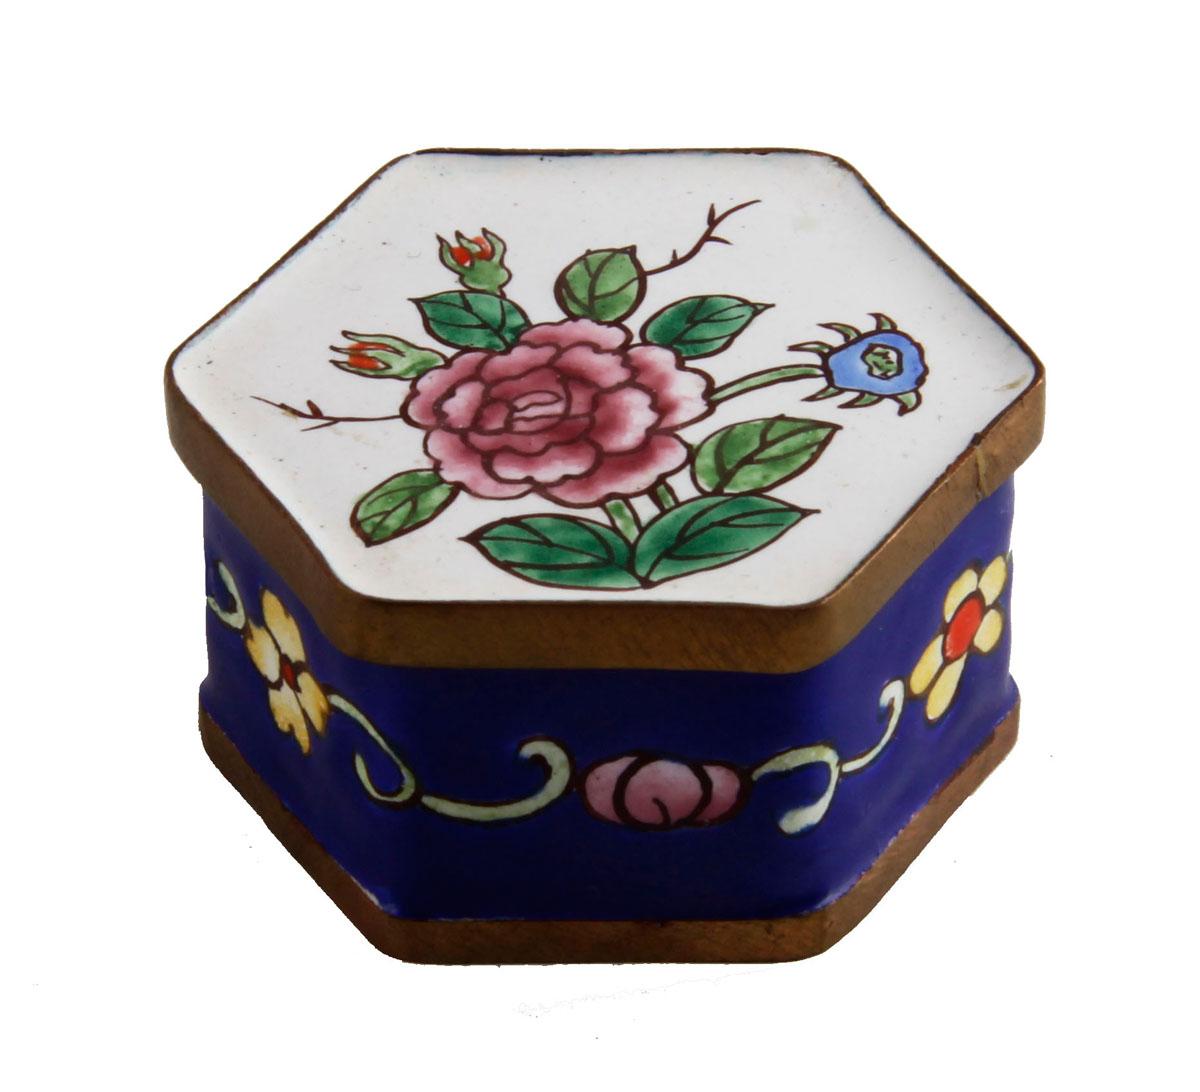 Шкатулка Цветы. Металл, эмаль, роспись. Китай, вторая половина XX века usel 34 шкатулка 34